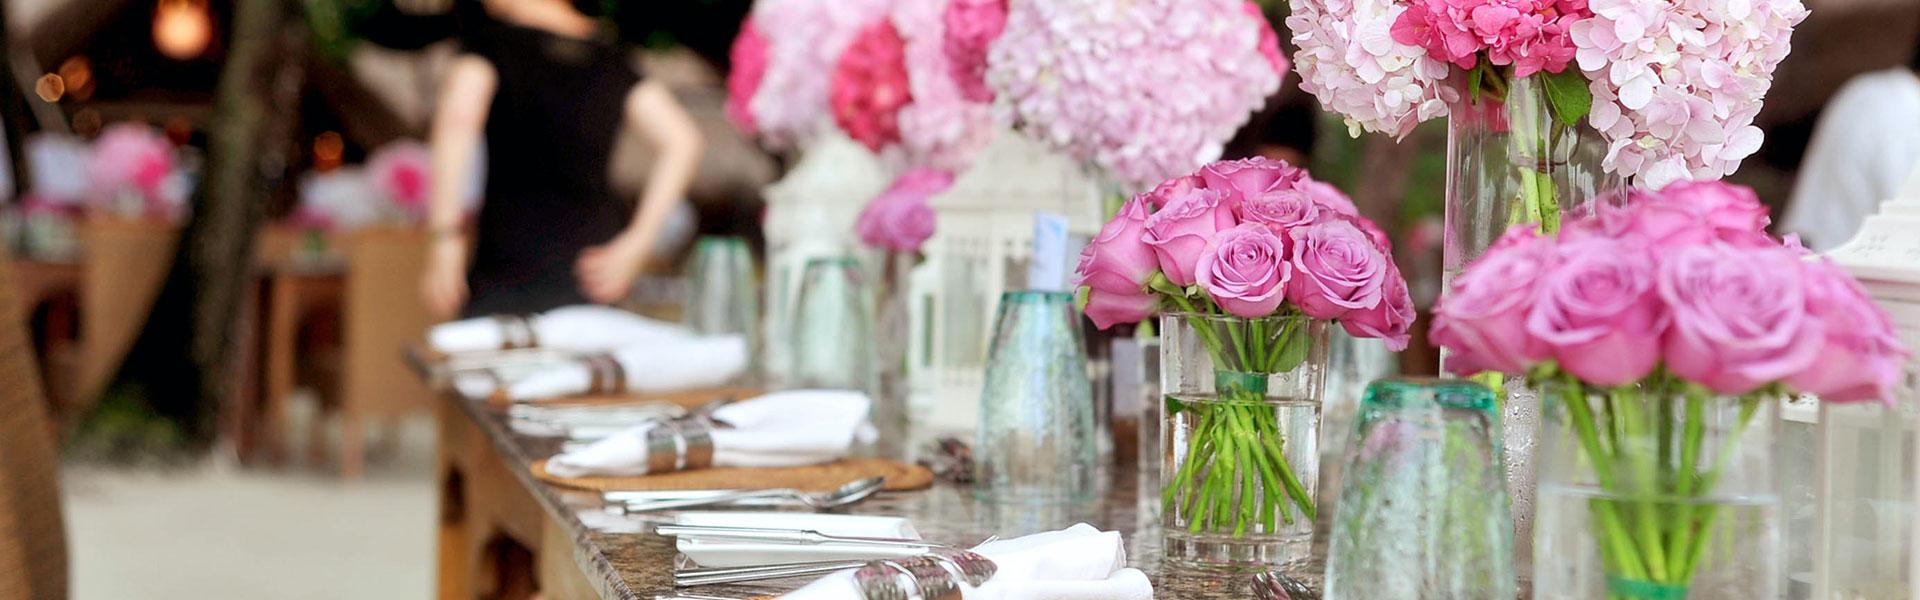 lugares con encanto para bodas